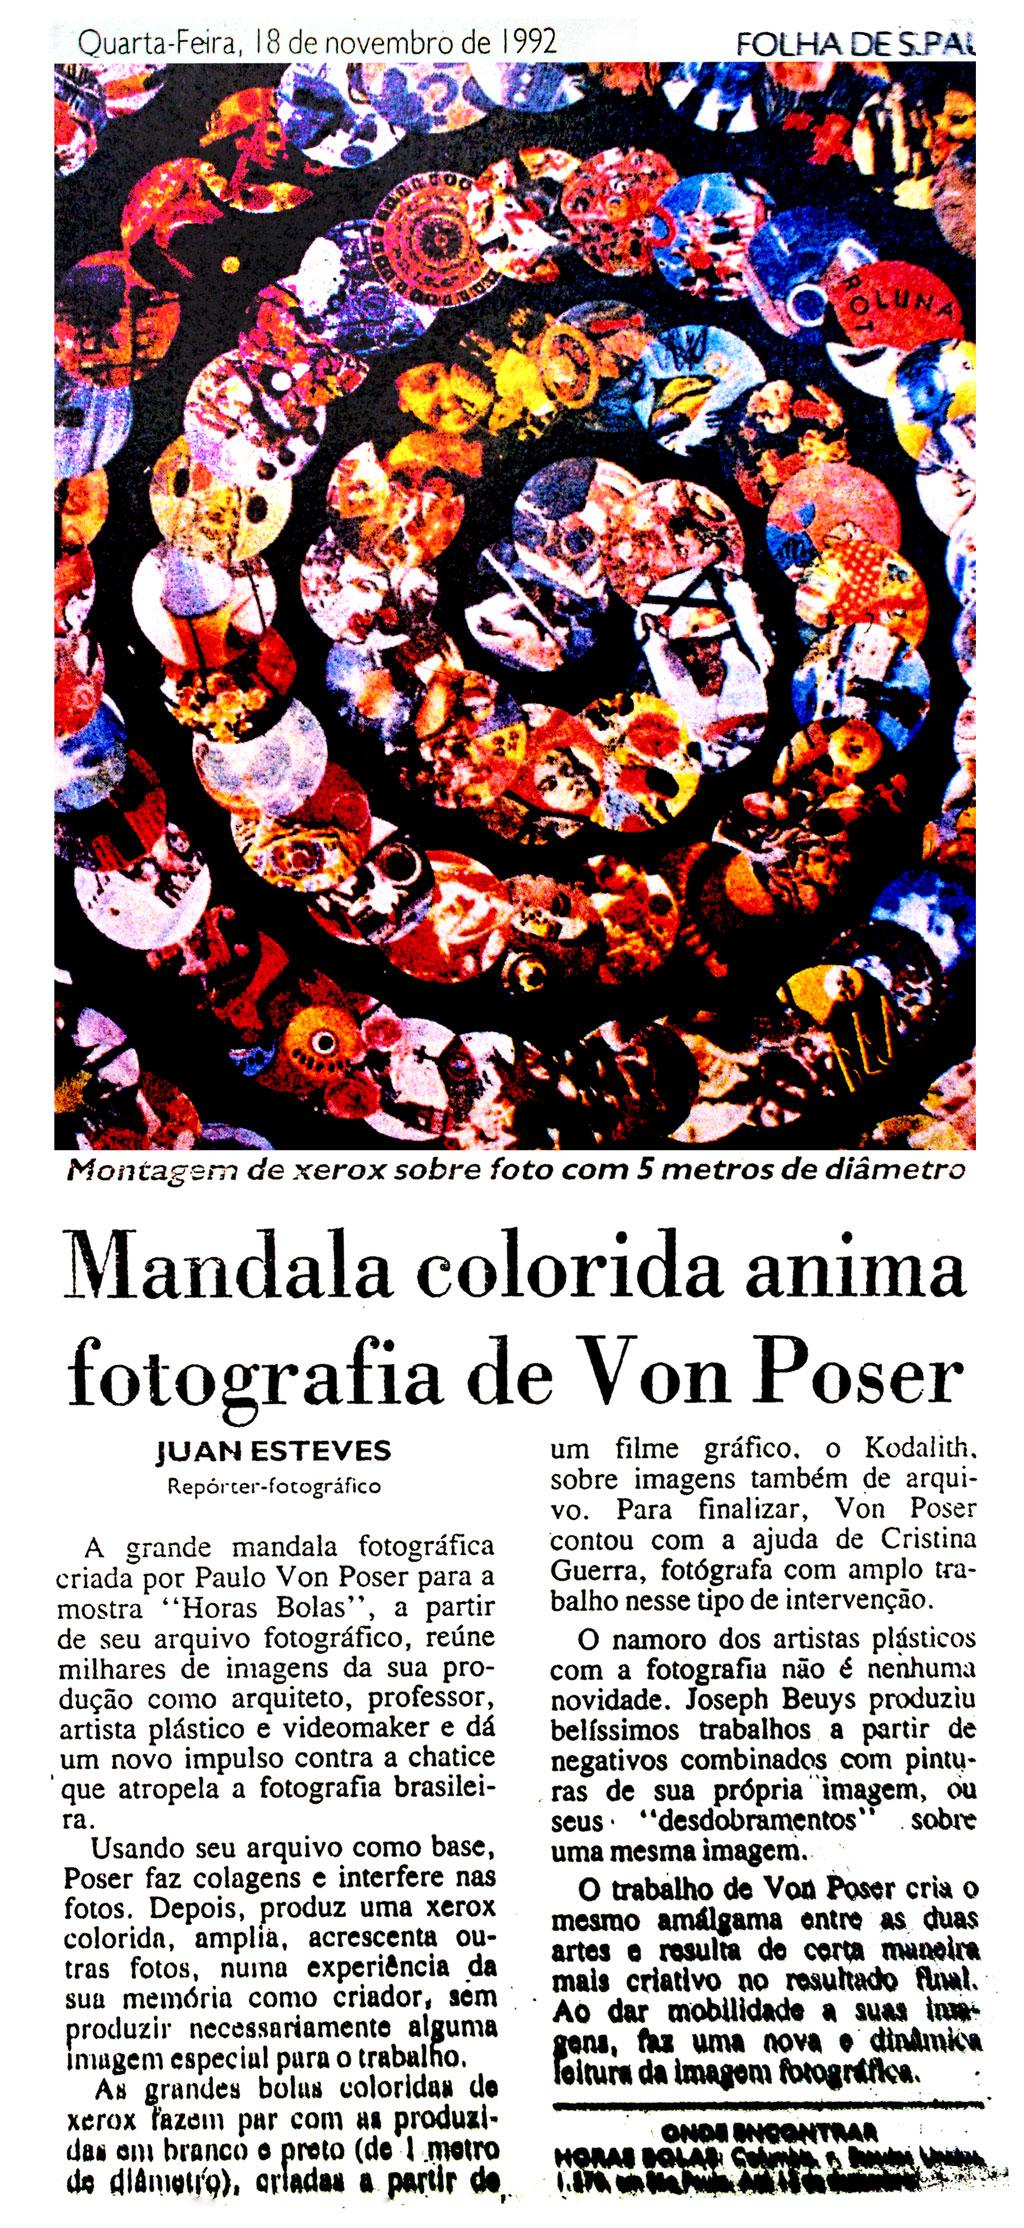 HORAS BOLAS_1992 (2)